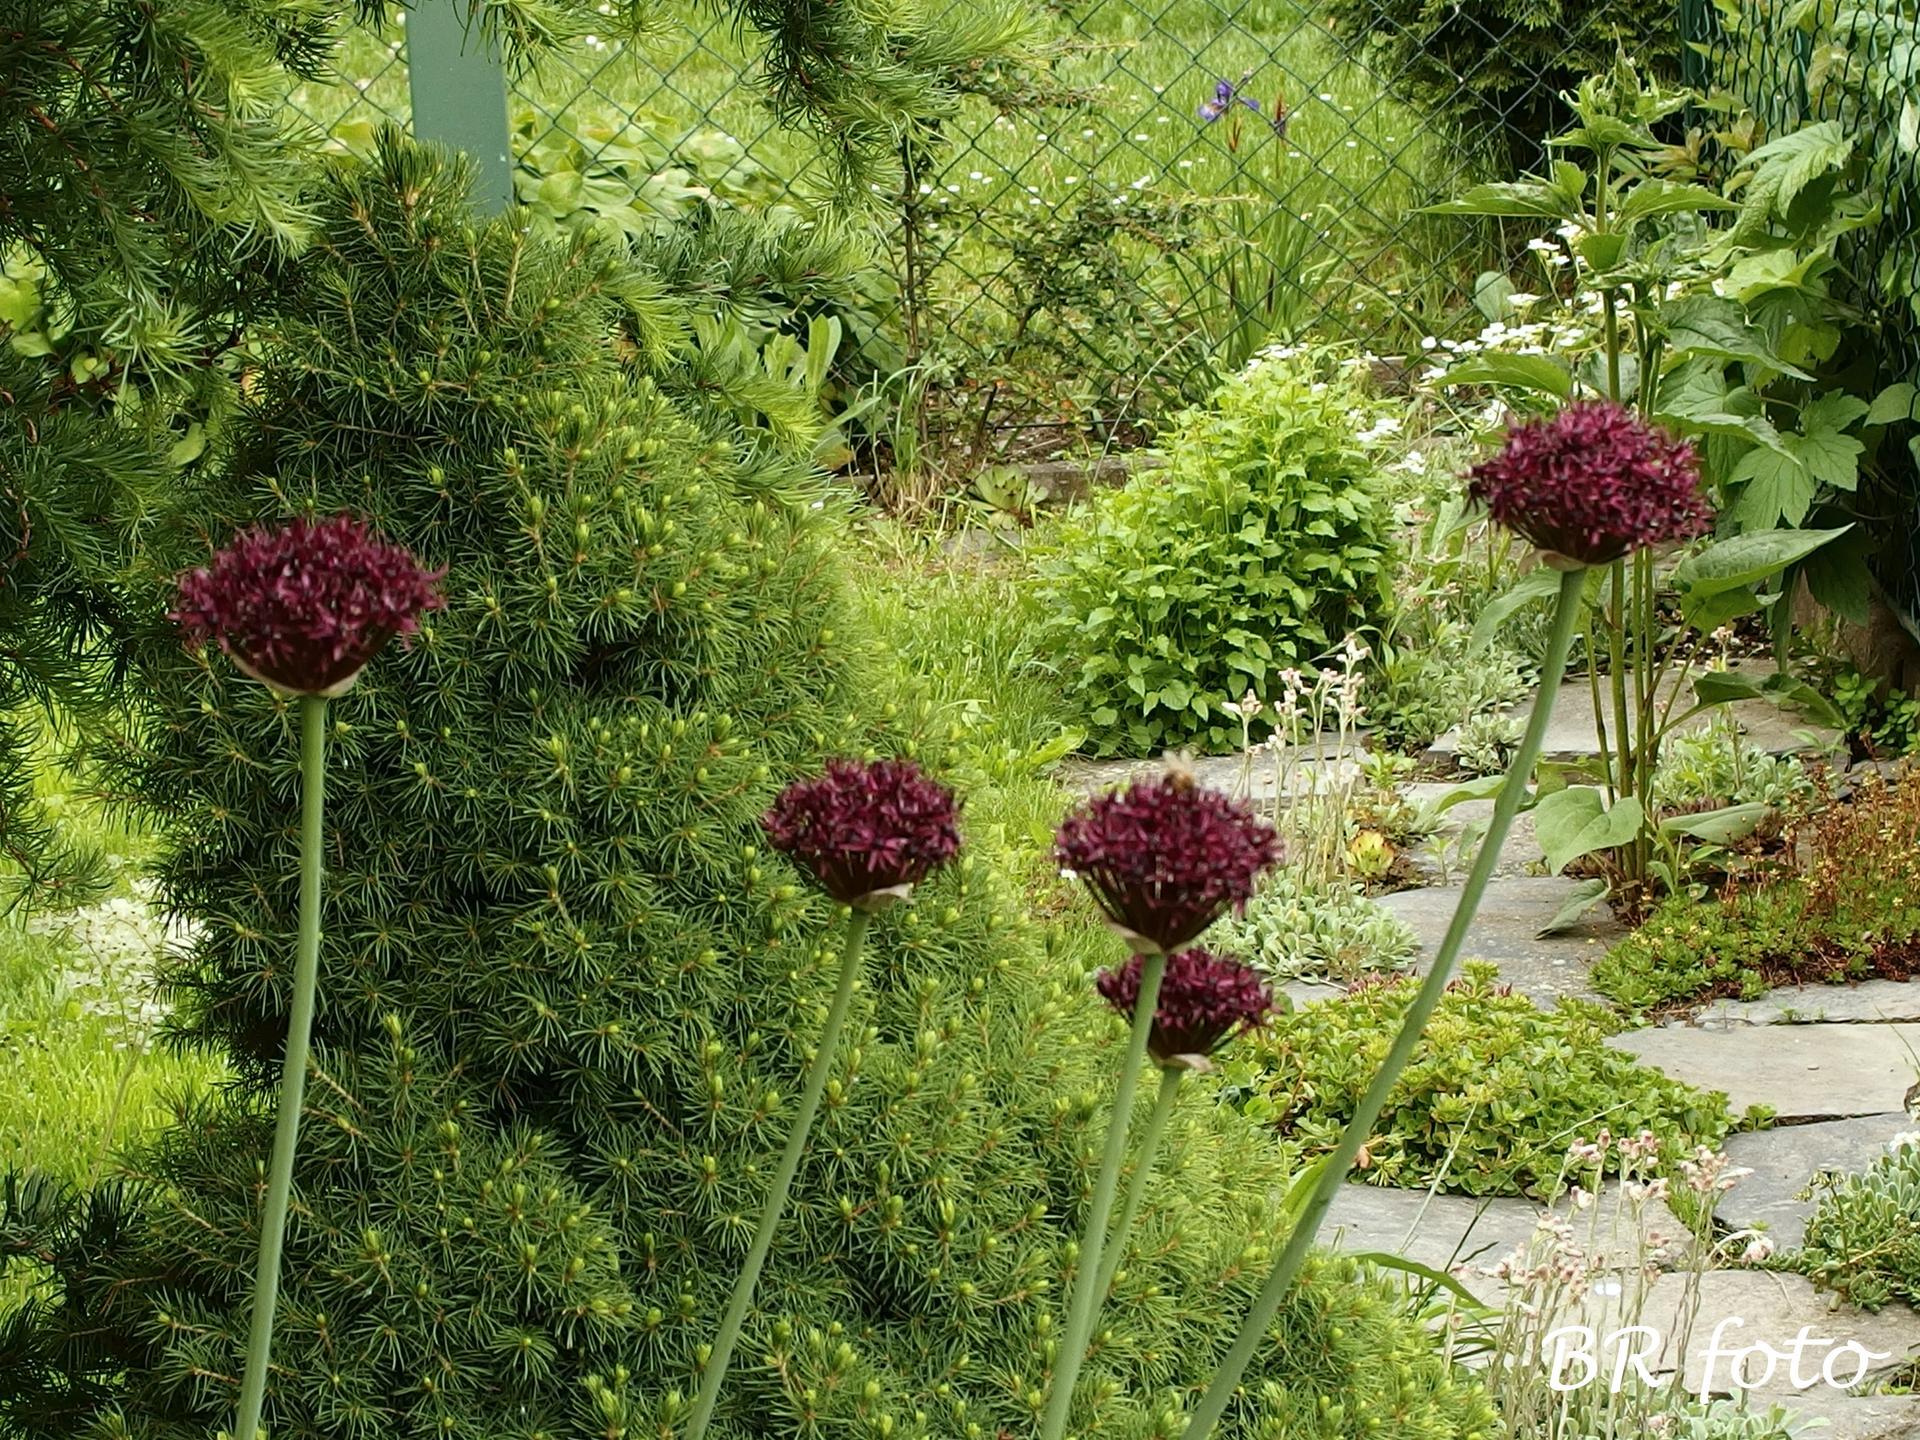 Zahrada v červnu - vše roste a kvete jako o život.... - Obrázek č. 8